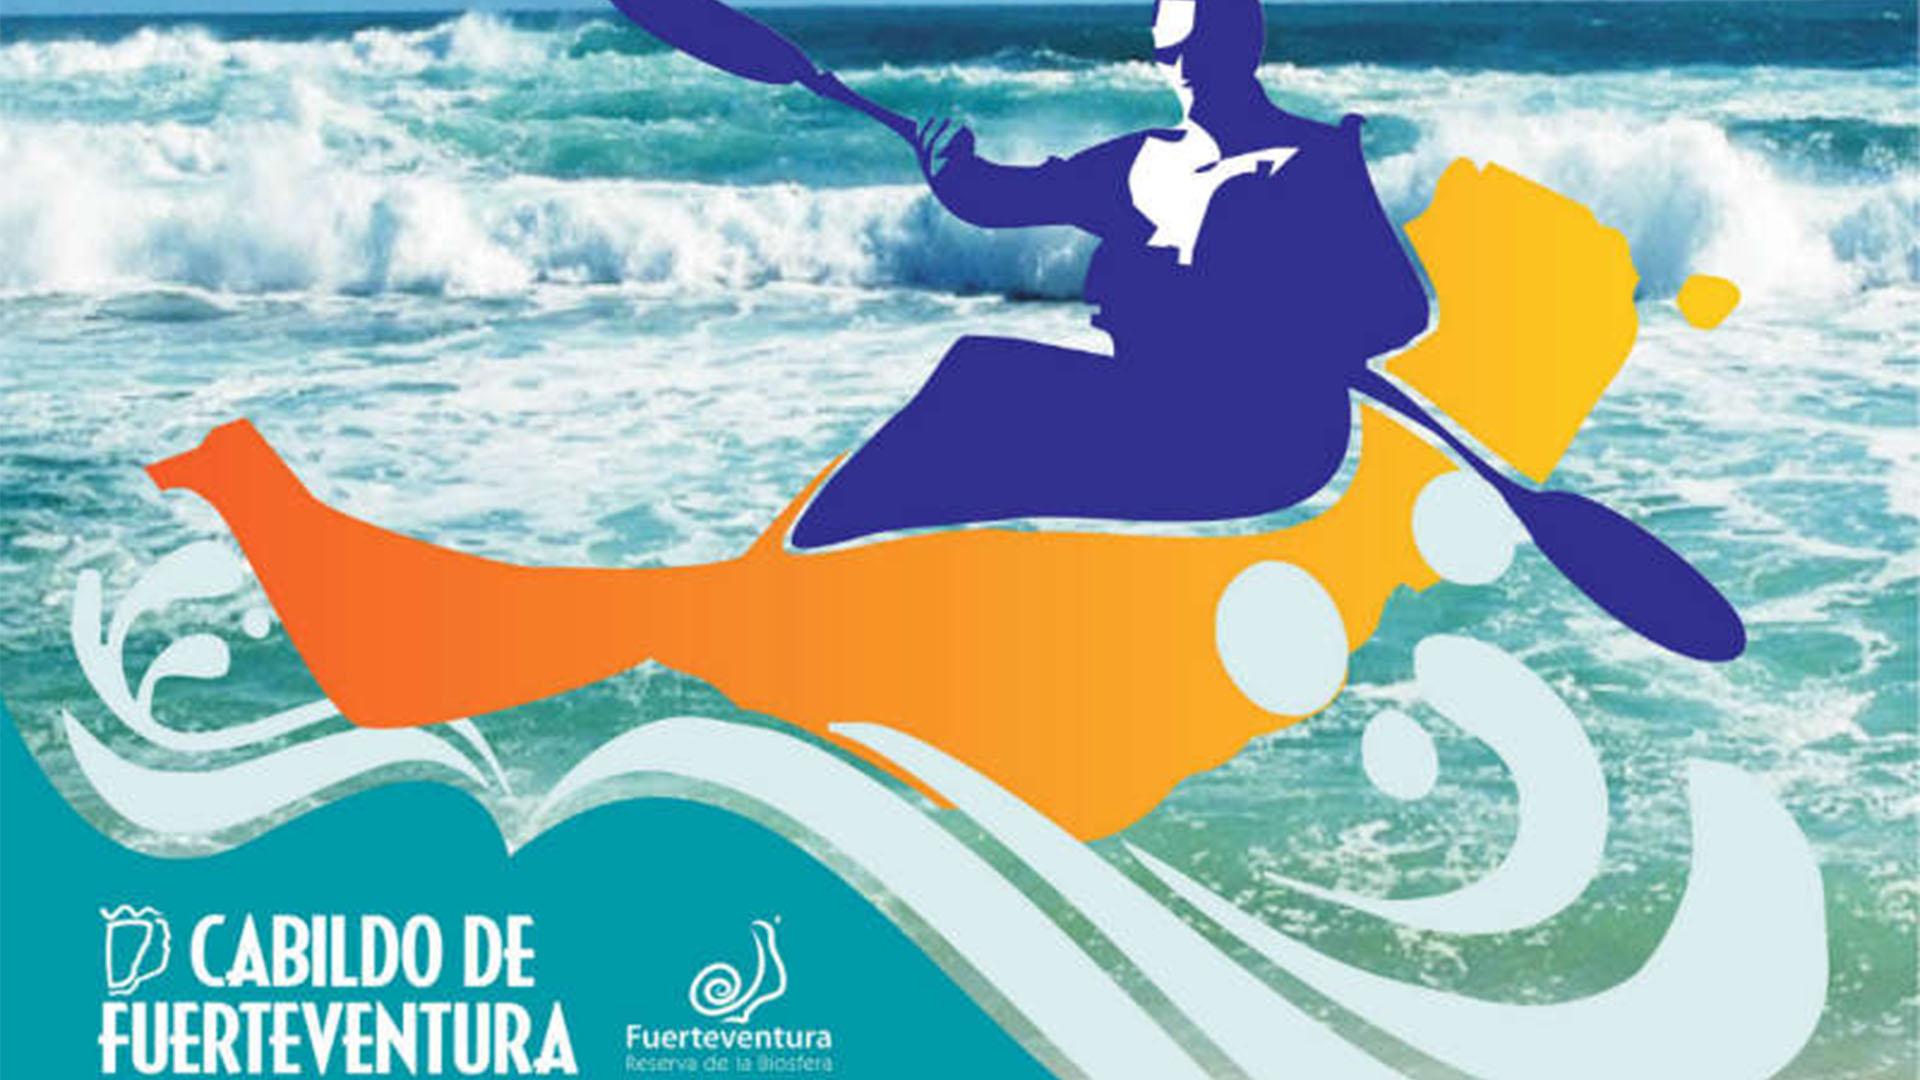 Vuelta a Fuerteventura –mit dem Kajak rund um Fuerteventura.